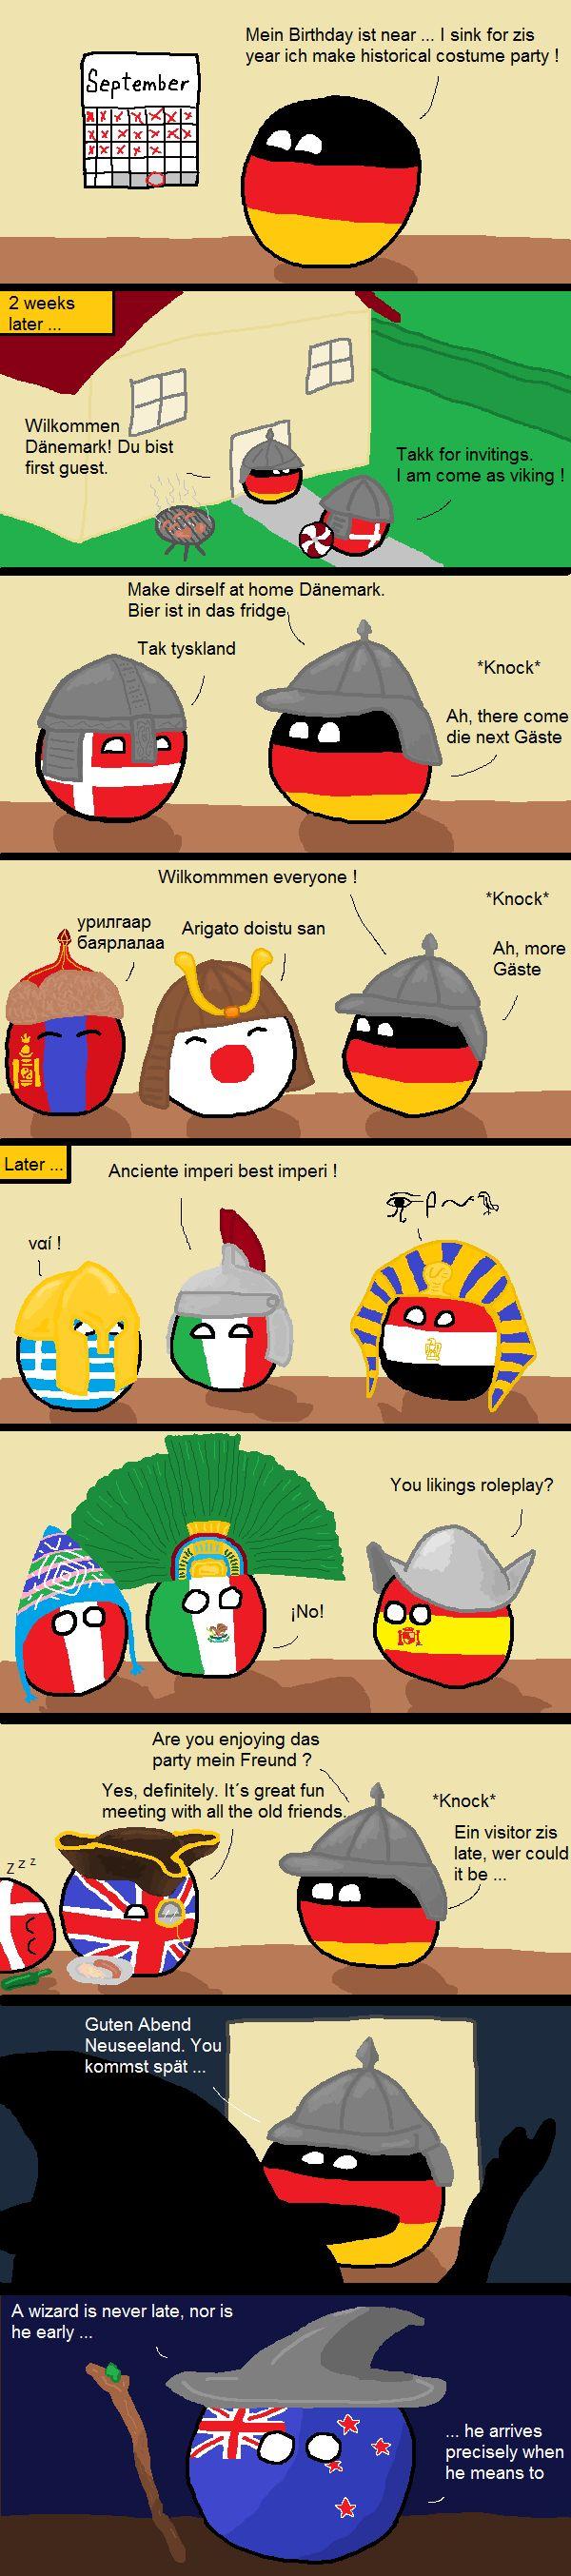 A late visitor (Germany, Denmark, Mongolia, Japan, Greece, Italy, Egypt, Peru, Mexico, Spain, UK, New Zealand) by prokaryo  #polandball #countryball